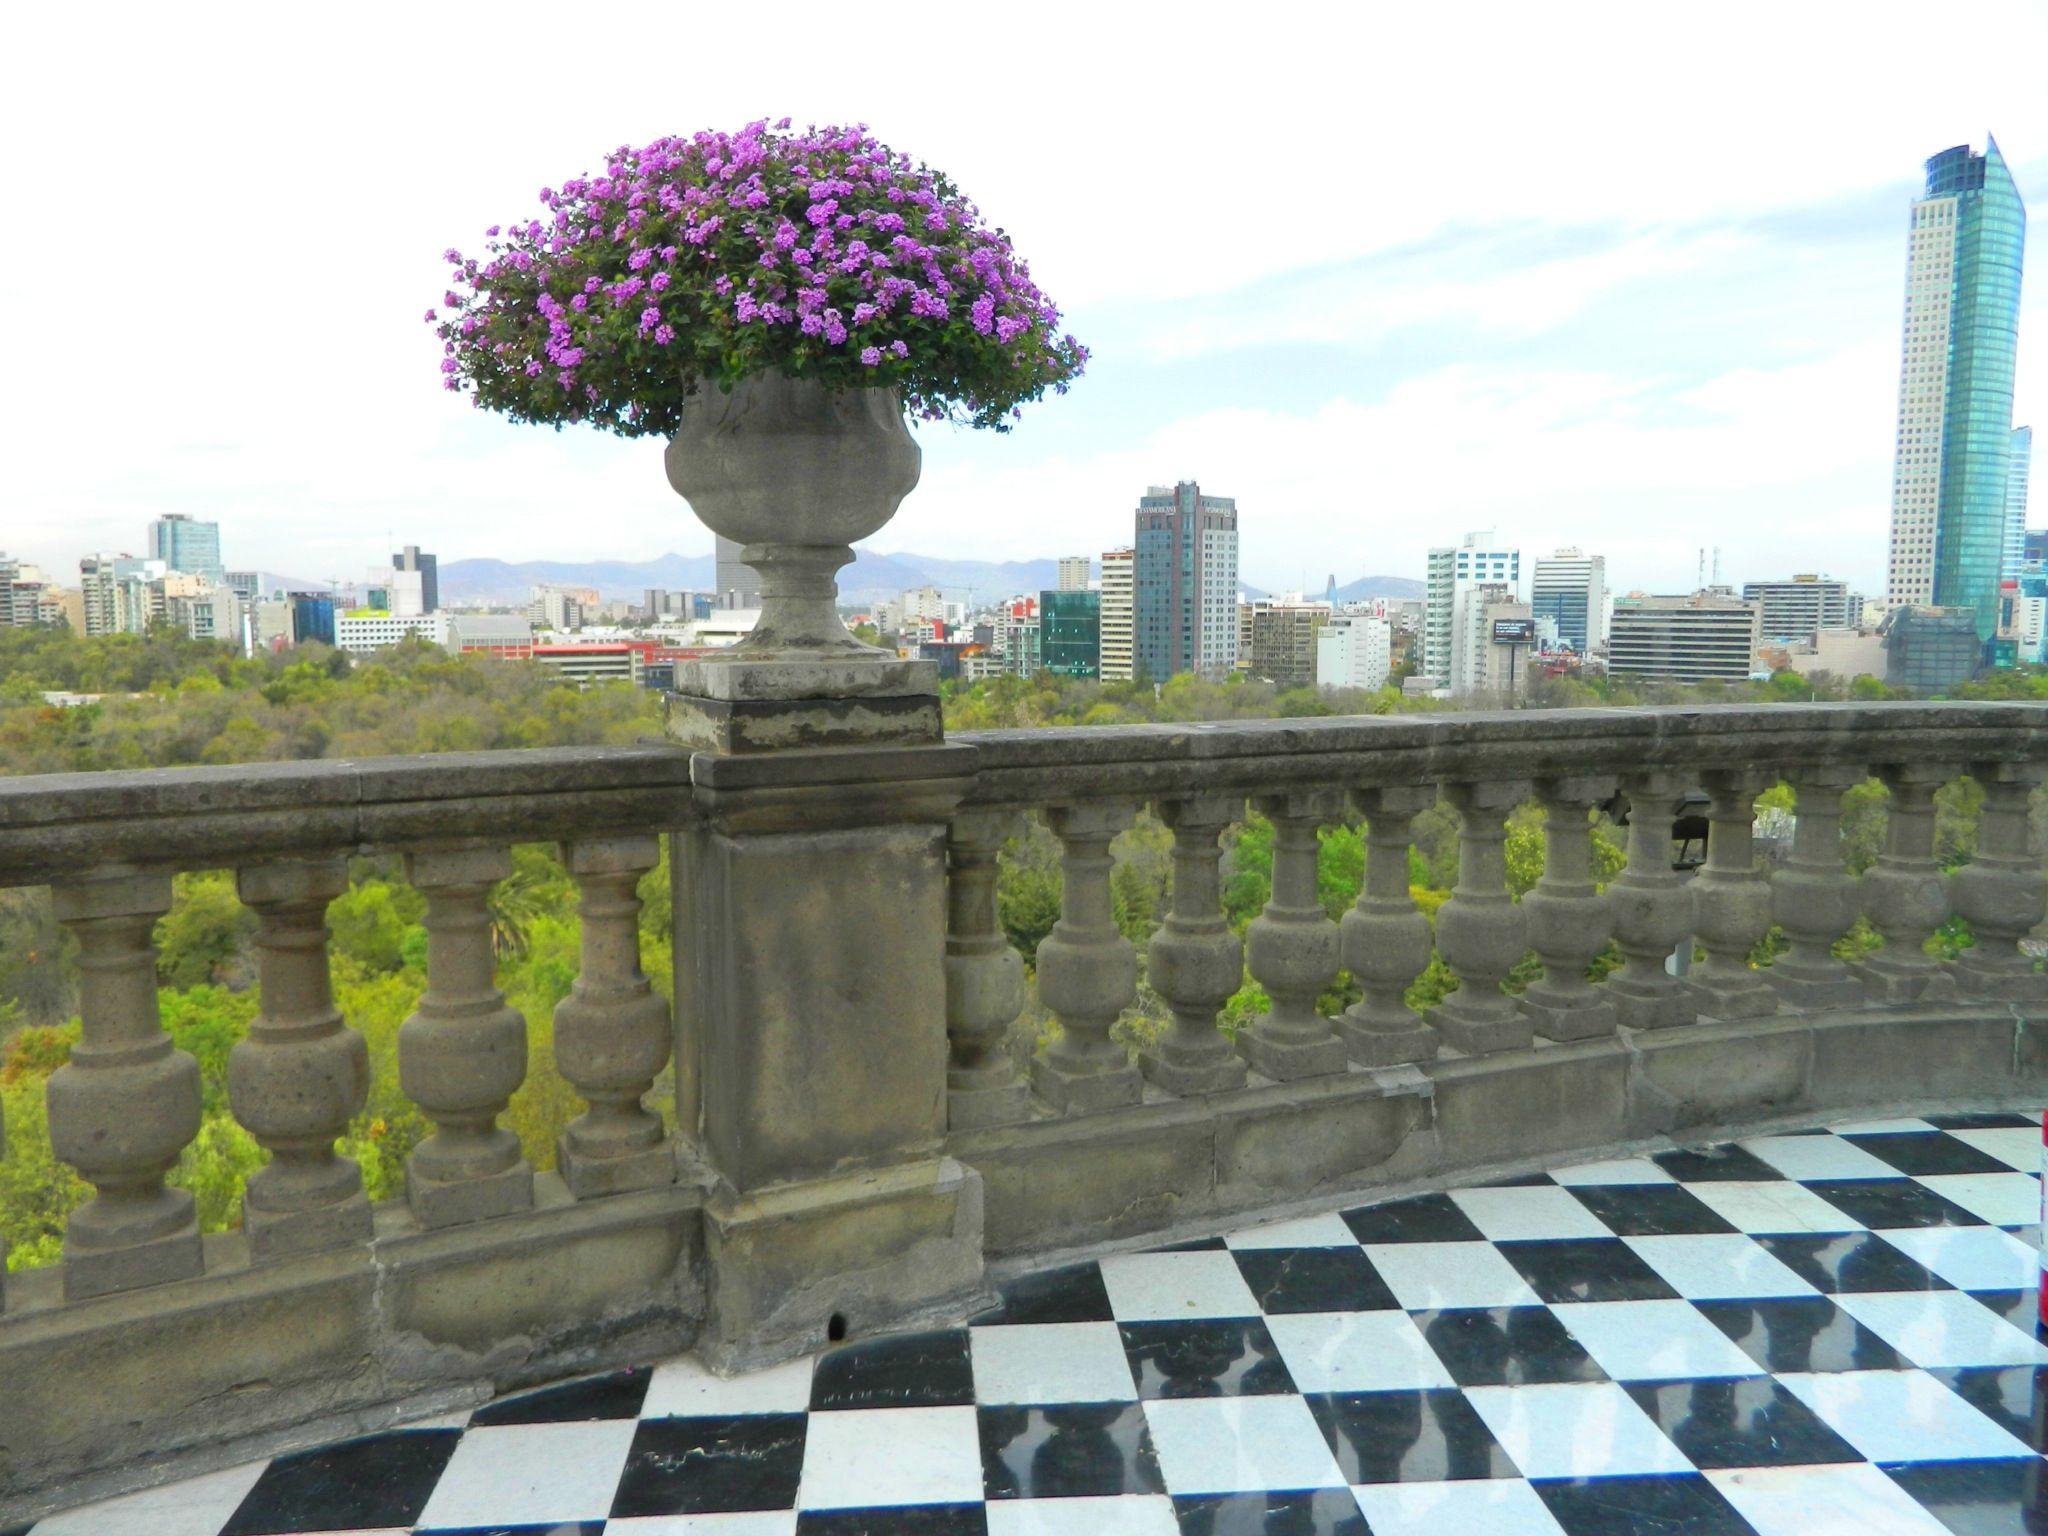 Vista - Castillo de Chapultepec